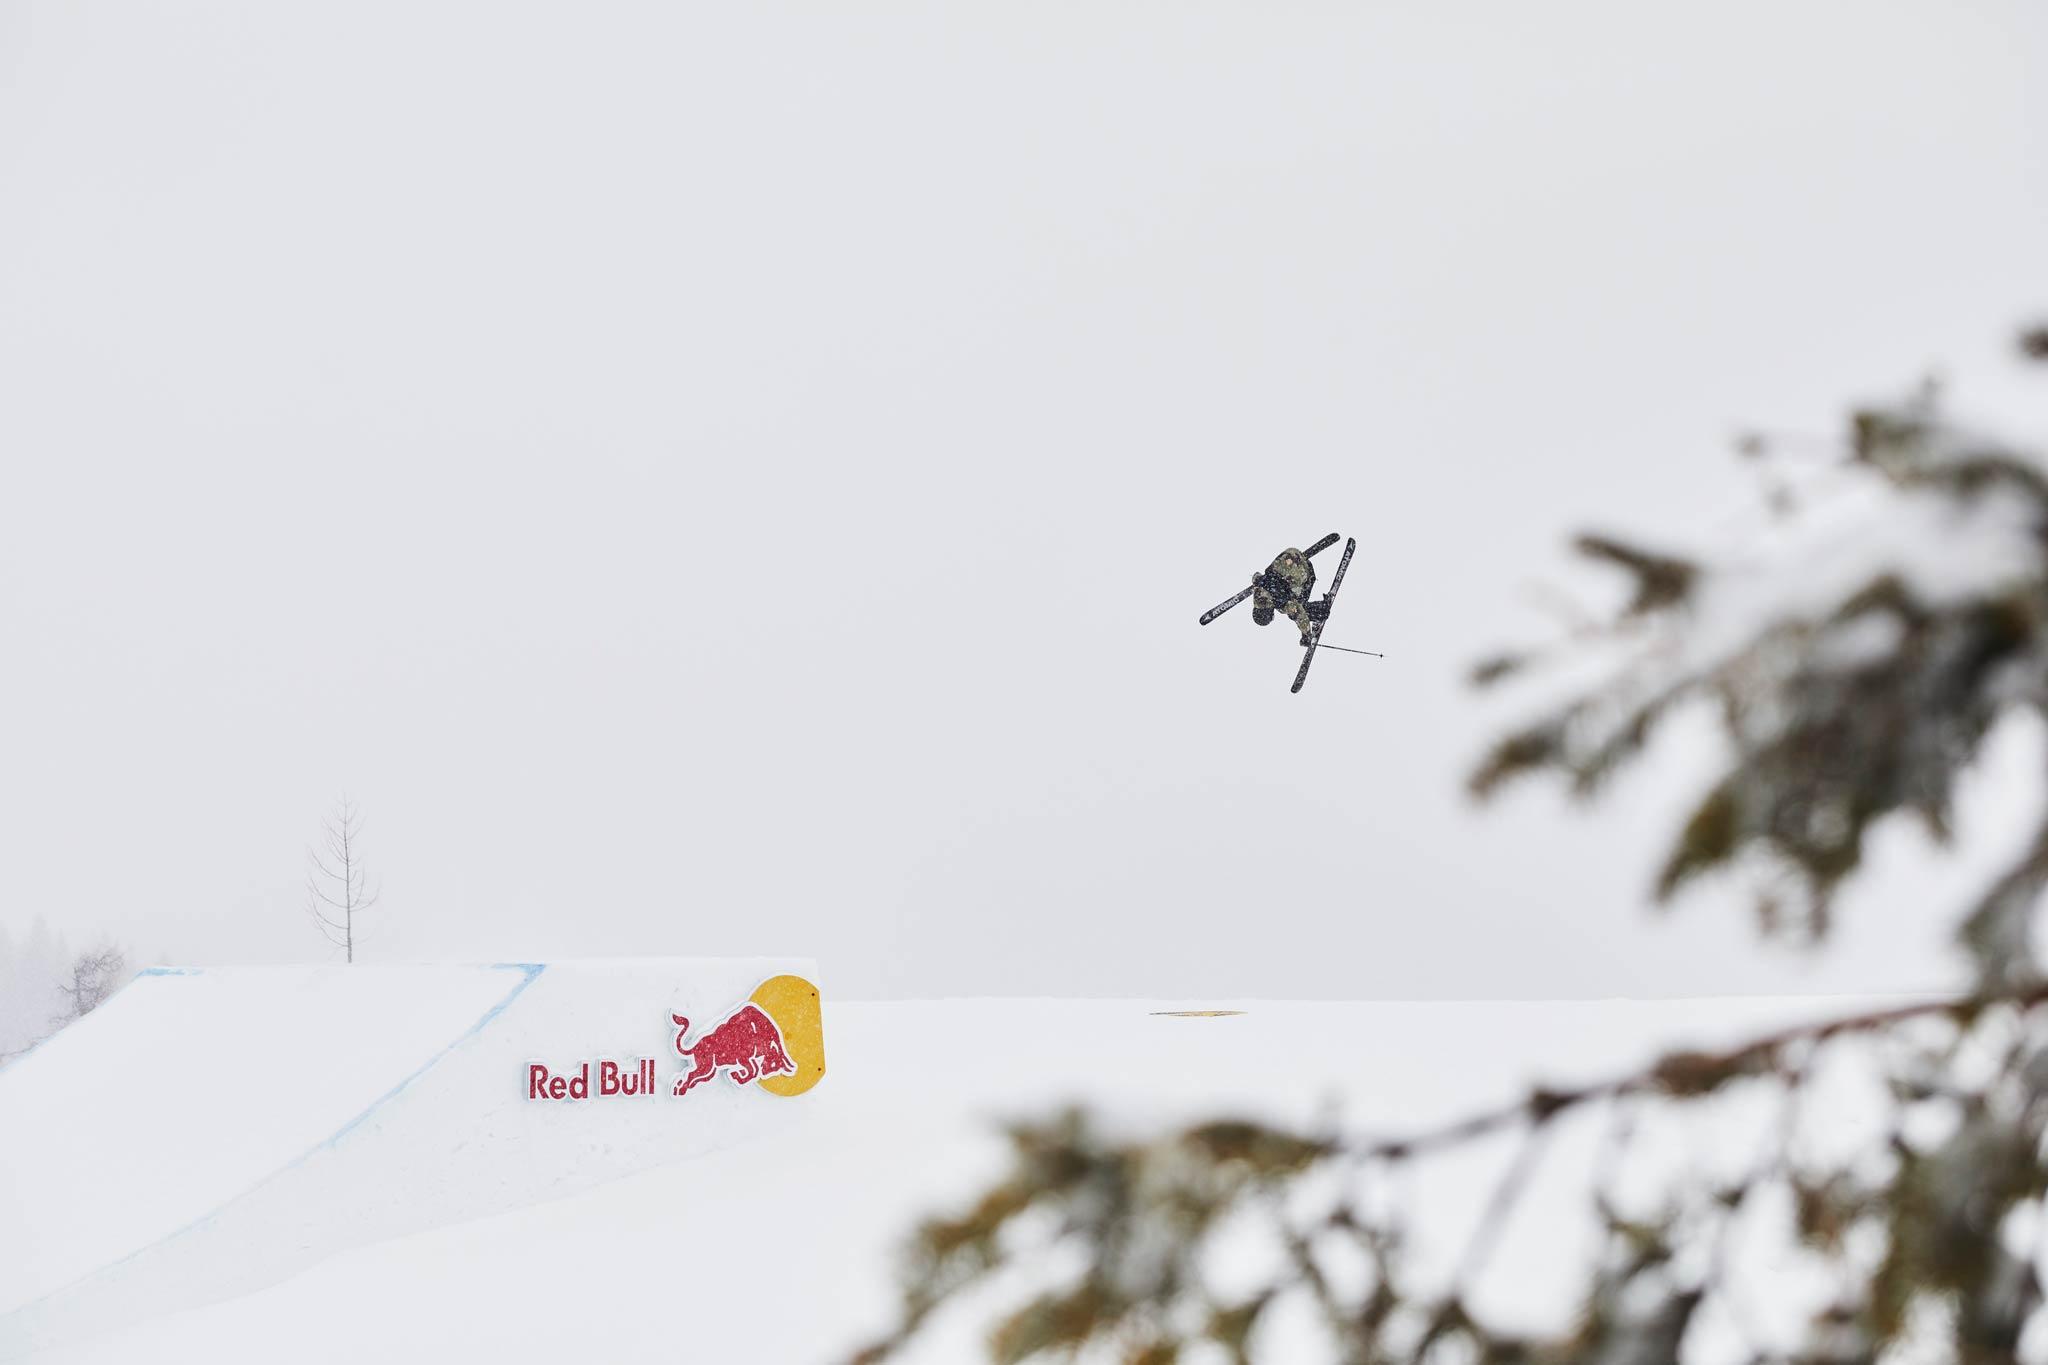 Zeigte bei den Freeski Men die beste Line im Absolut Park: Fabian Bösch aus der Schweiz - Foto: Sophie Kirchner